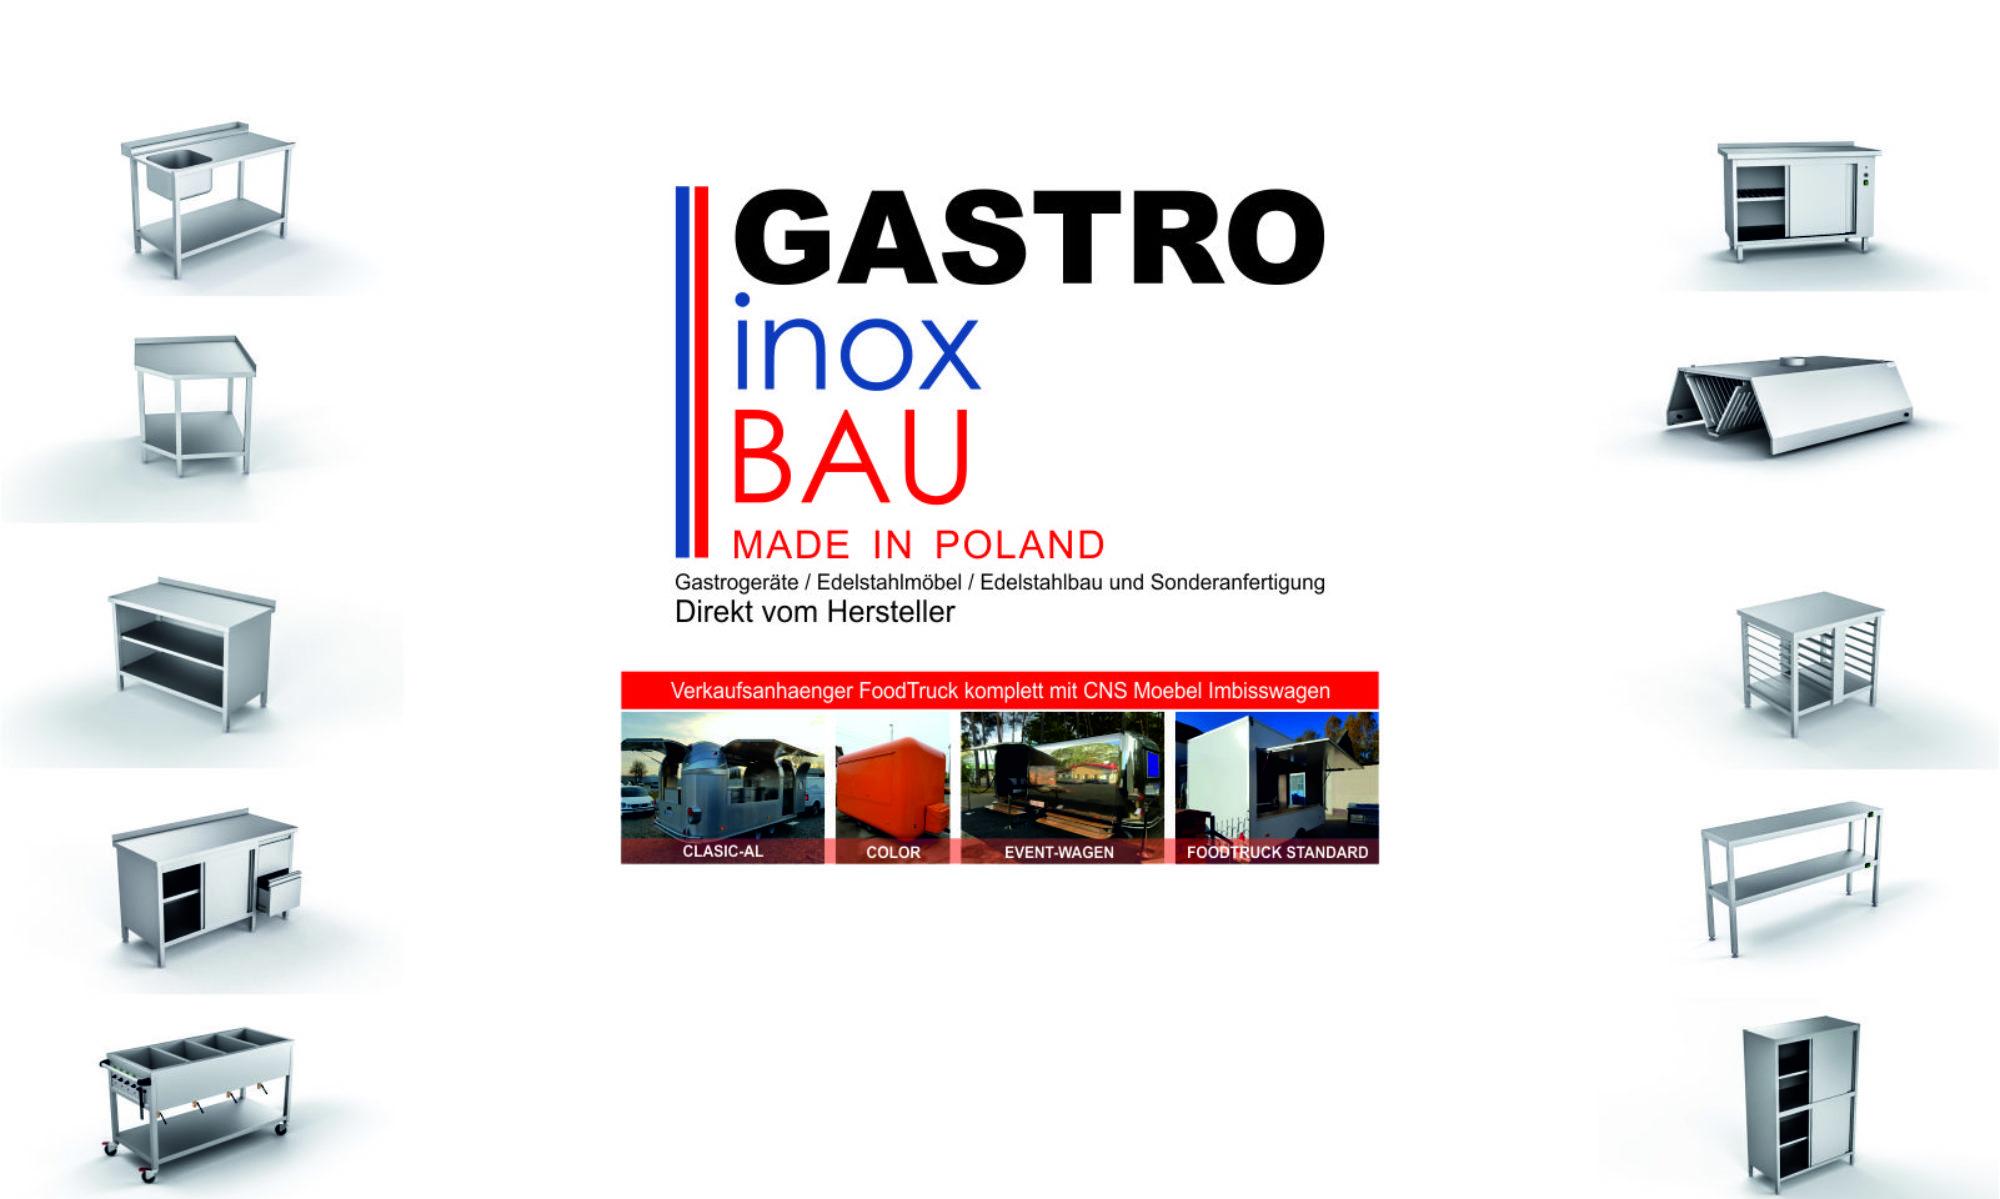 GASTROinoxBAU